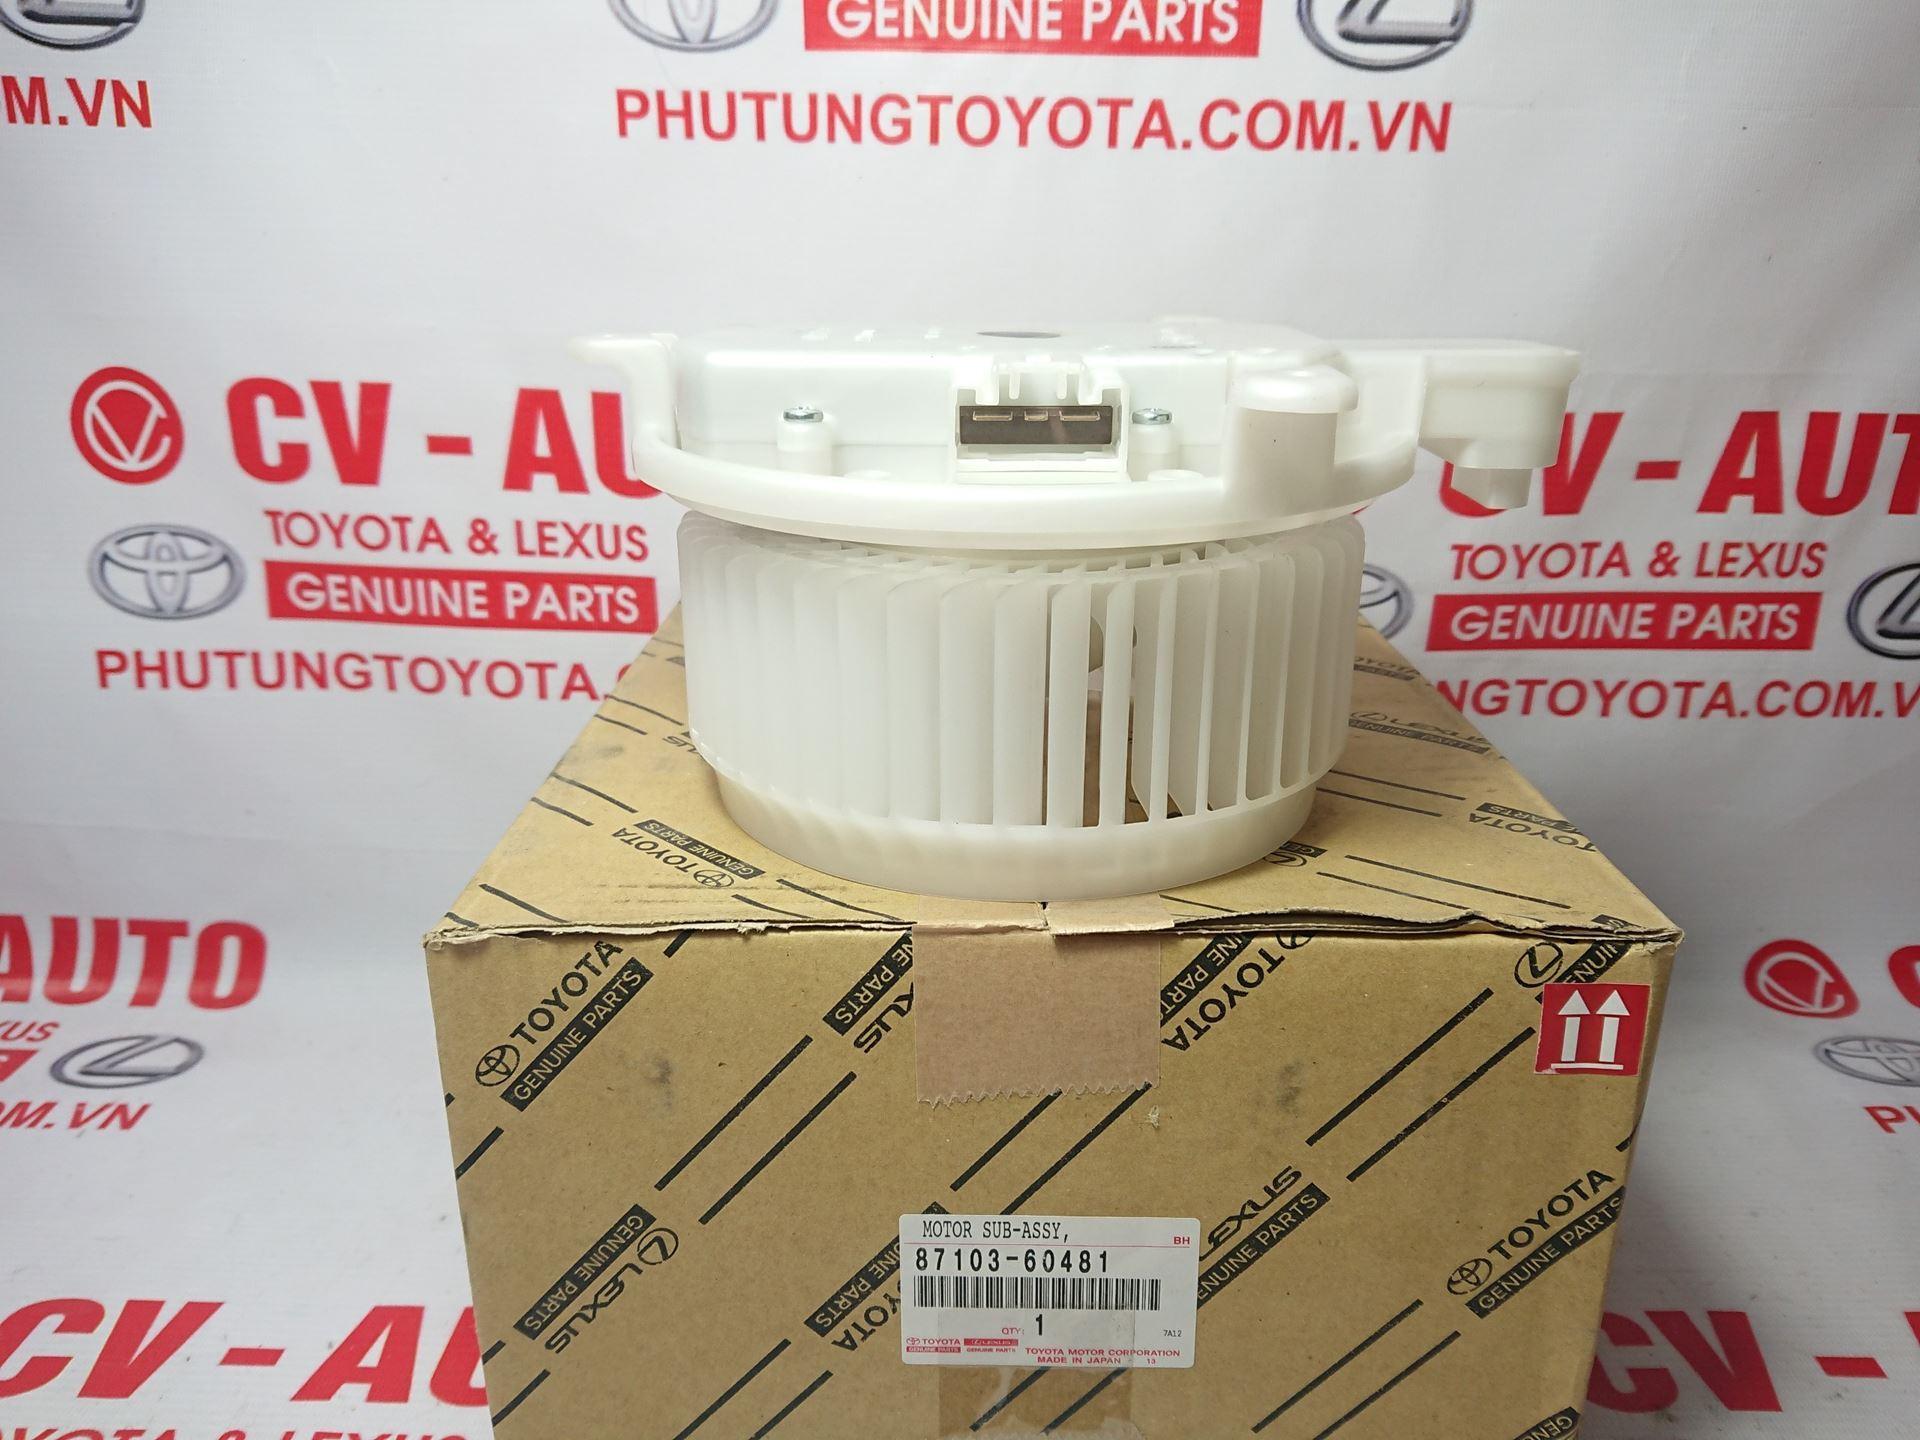 Picture of 87103-60481 Quạt giàn lạnh trước Lexus LX570, LS460 giá tốt